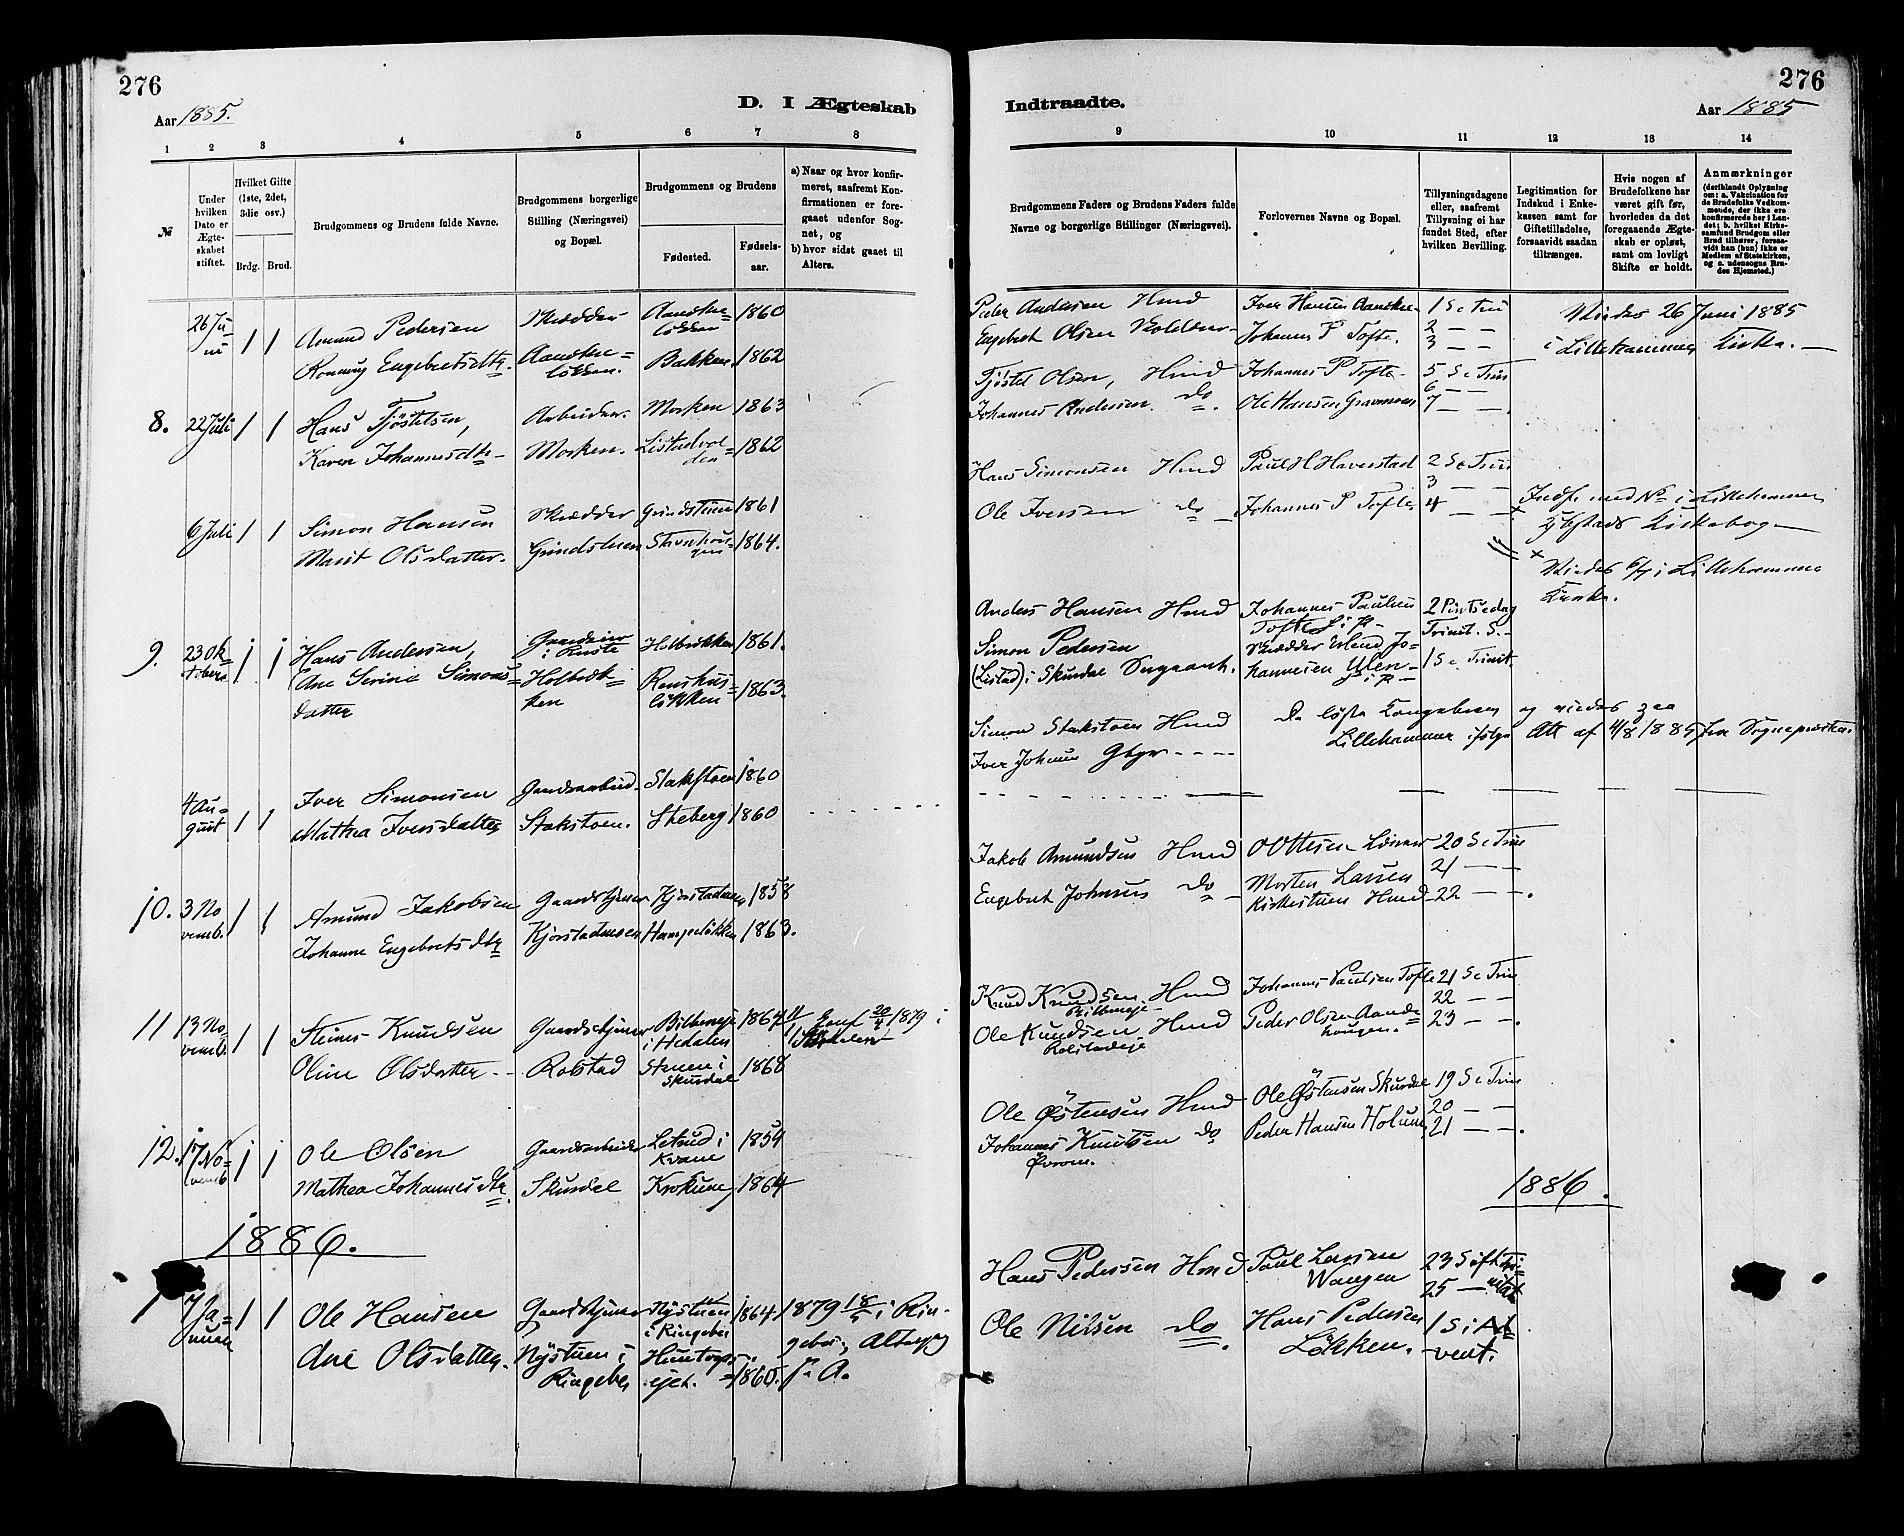 SAH, Sør-Fron prestekontor, H/Ha/Haa/L0003: Ministerialbok nr. 3, 1881-1897, s. 276